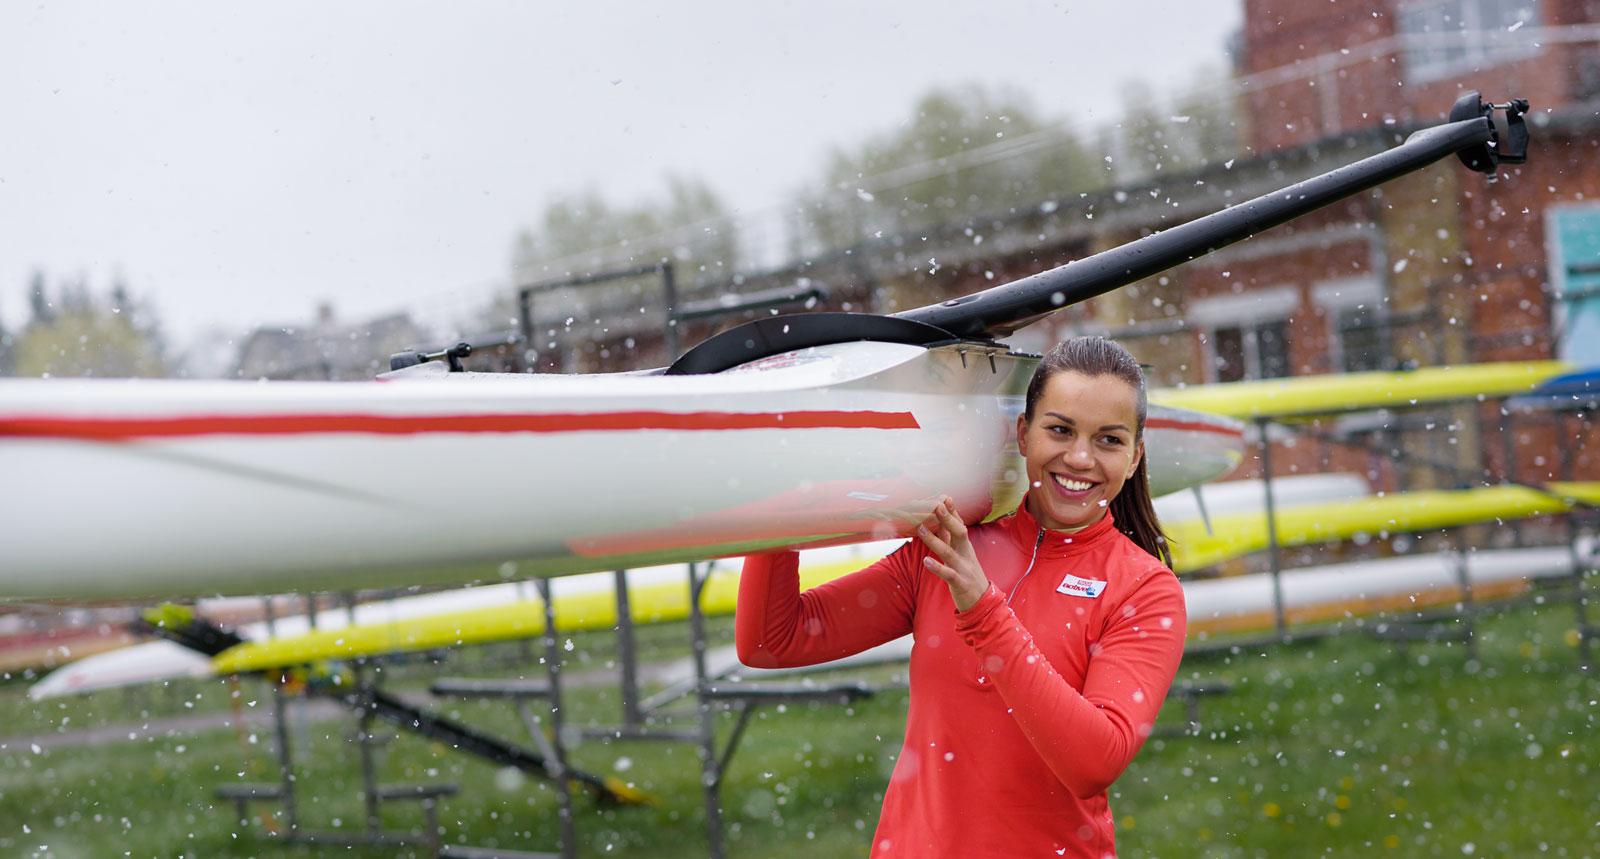 Milda Valčiukaitė neša valtį ActiveLife reklamos filmavime. Lauke sninga